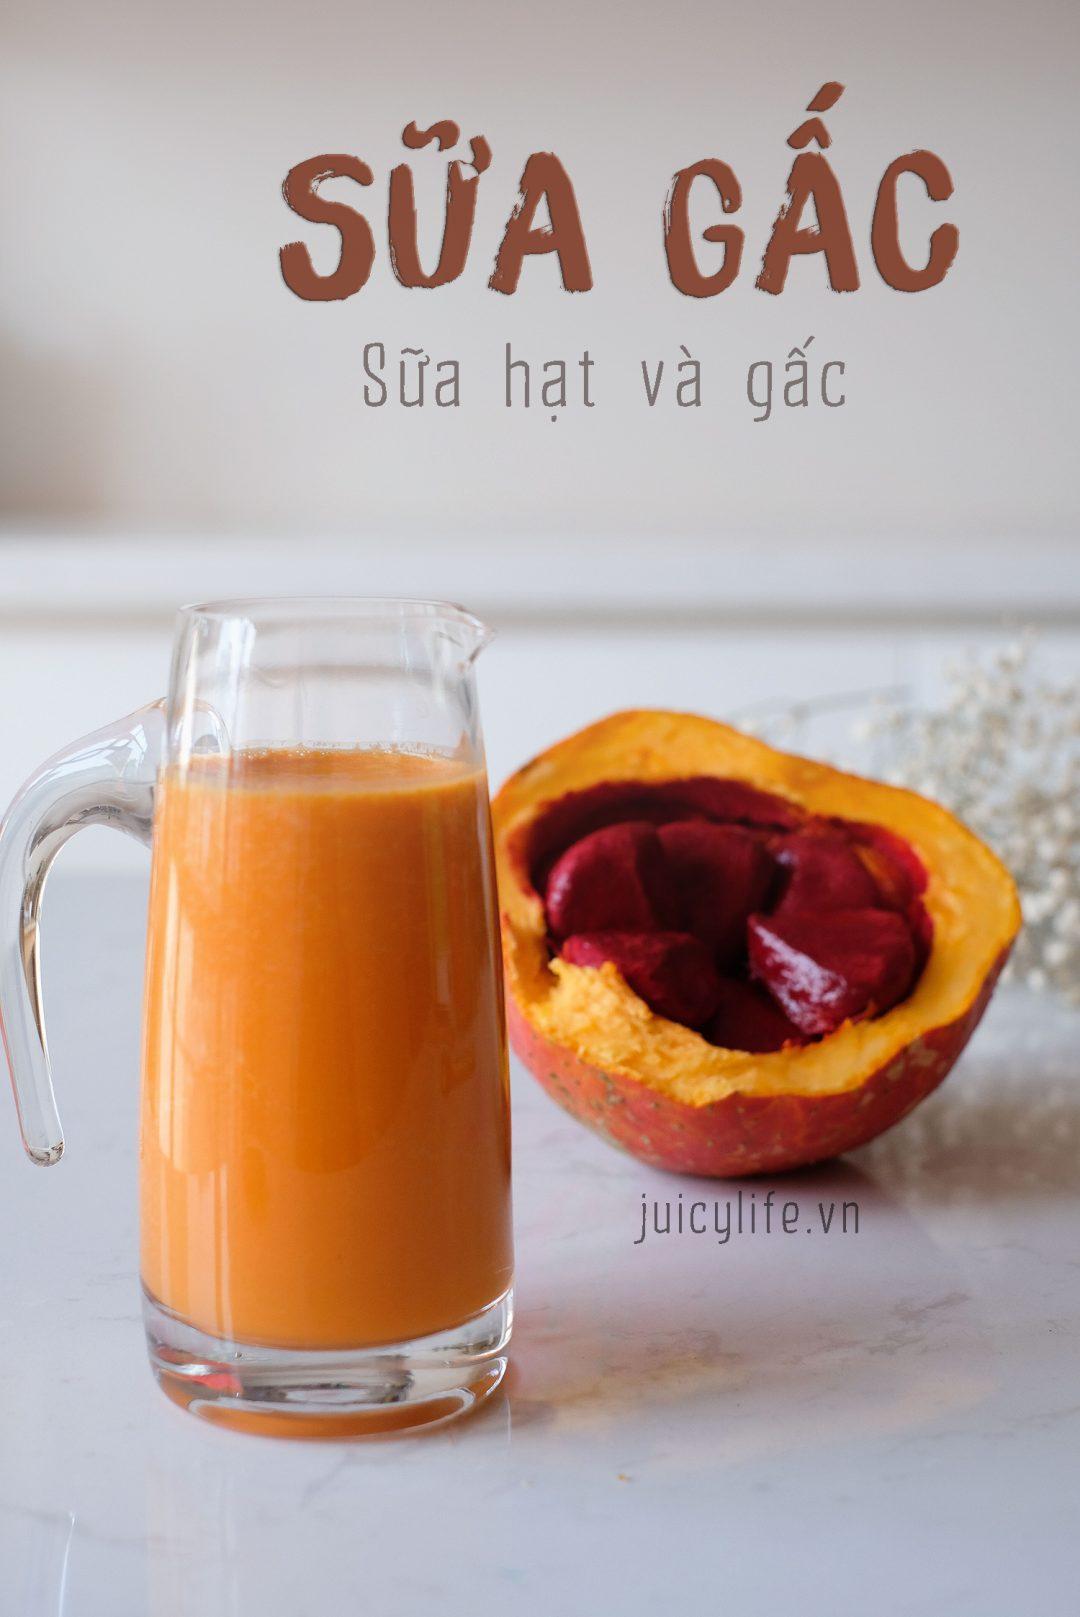 Công Thức Sữa Gấc cho đôi mắt sáng - Gac Nut Milk - Juicy Life